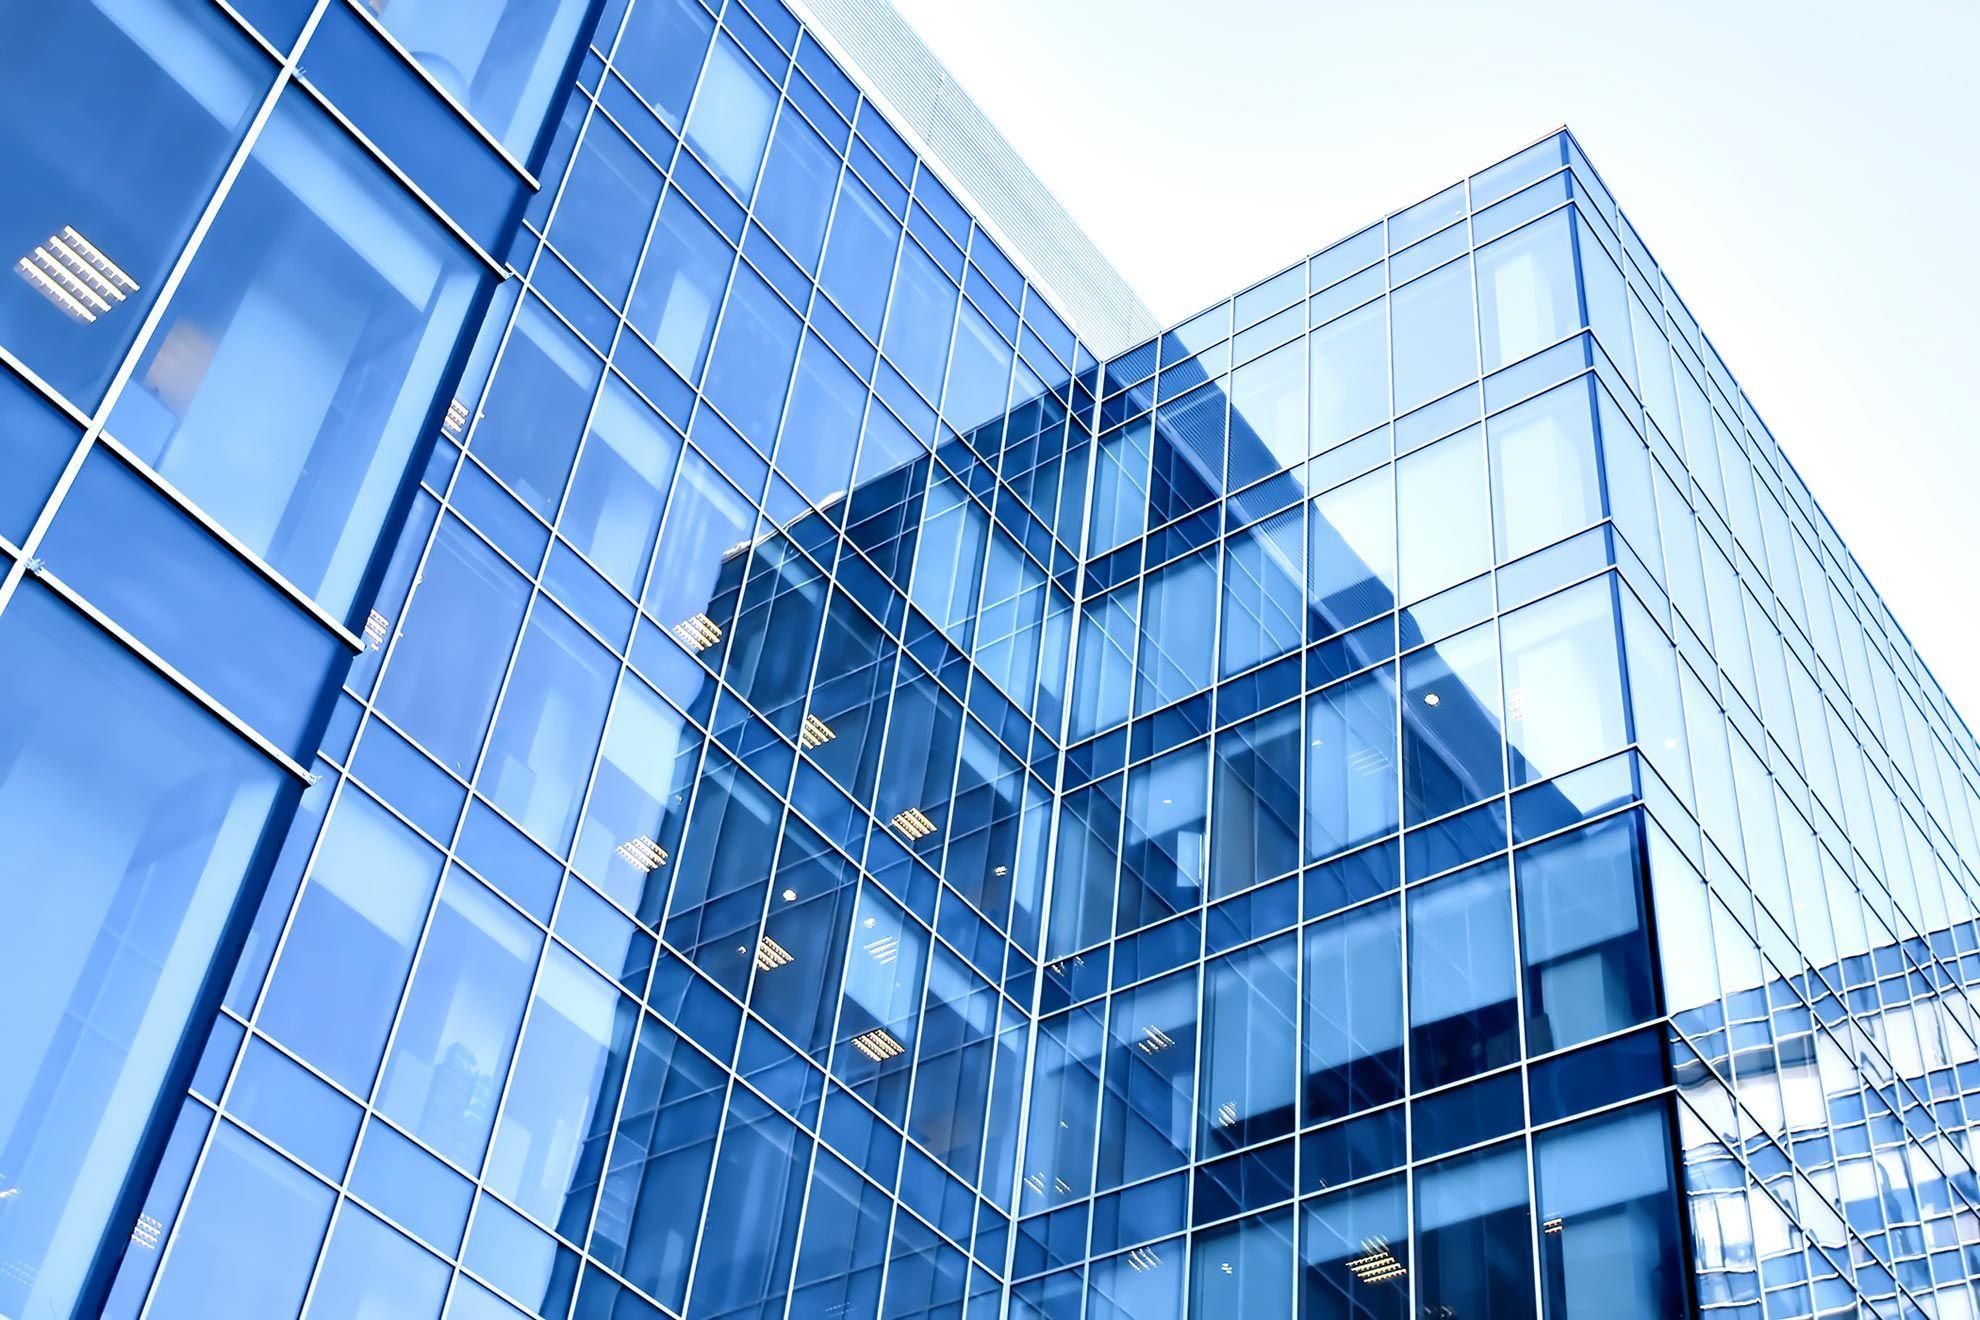 Более 9 млн кв. м недвижимости введено в эксплуатацию в Москве в 2015 году